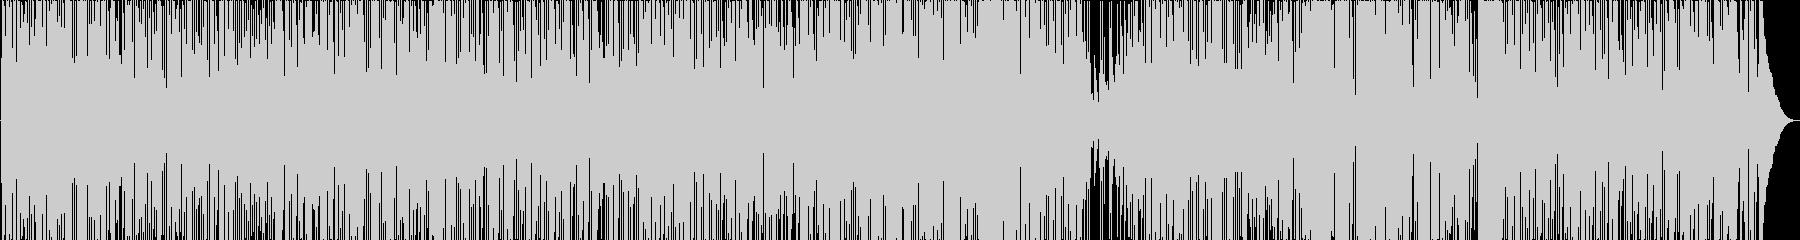 ブラスがリッチな夜系ボサノバの未再生の波形